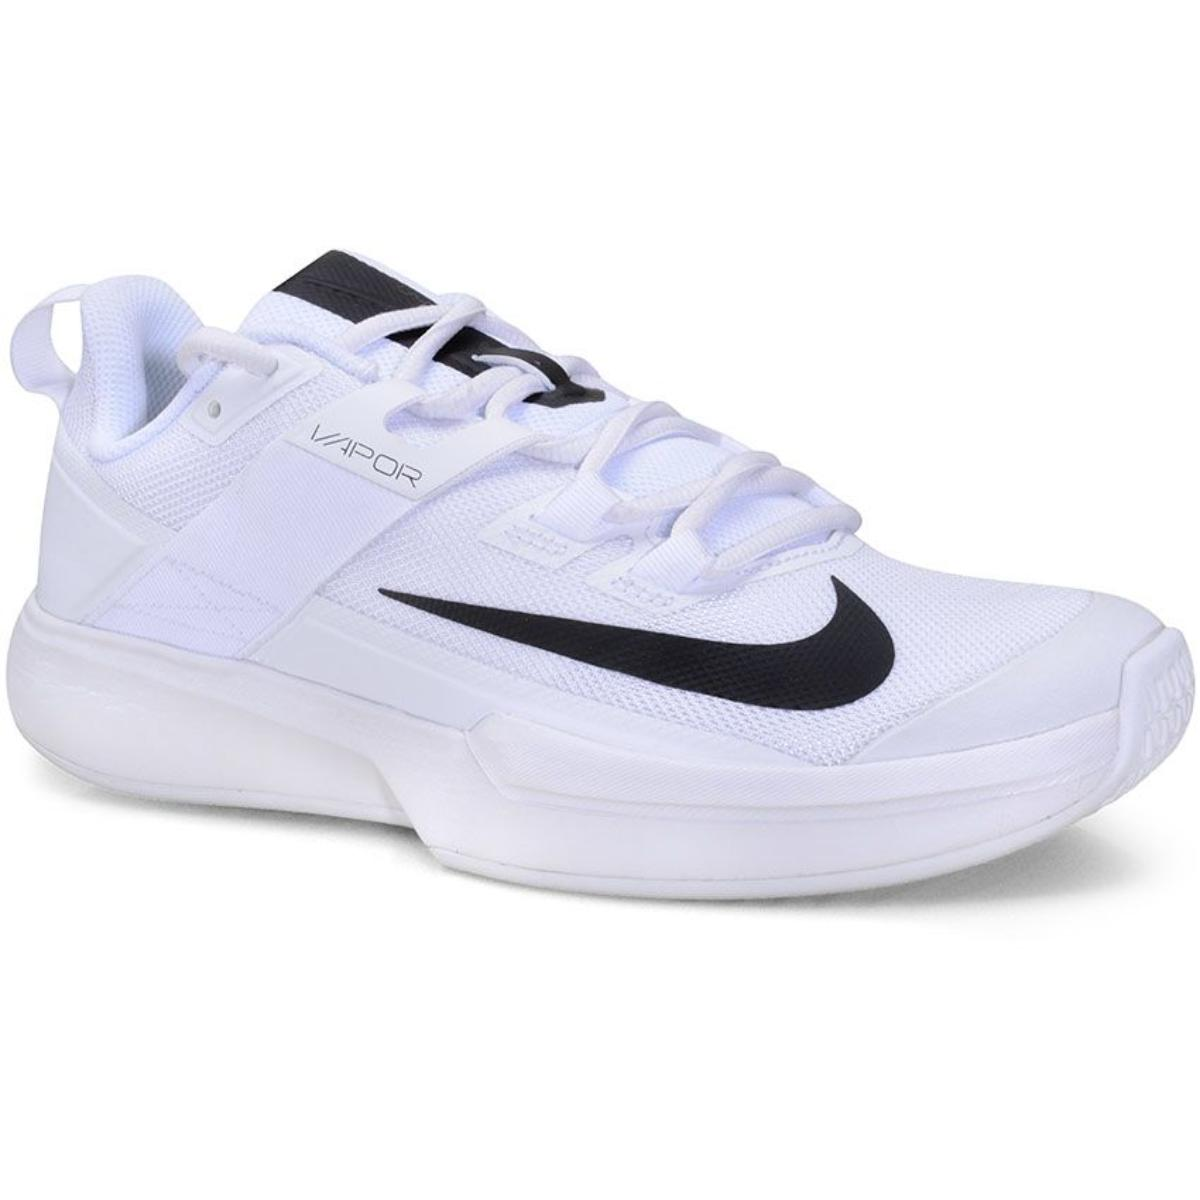 Tênis Masculino Nike Dc3432-125 Vapor Lite hc Branco